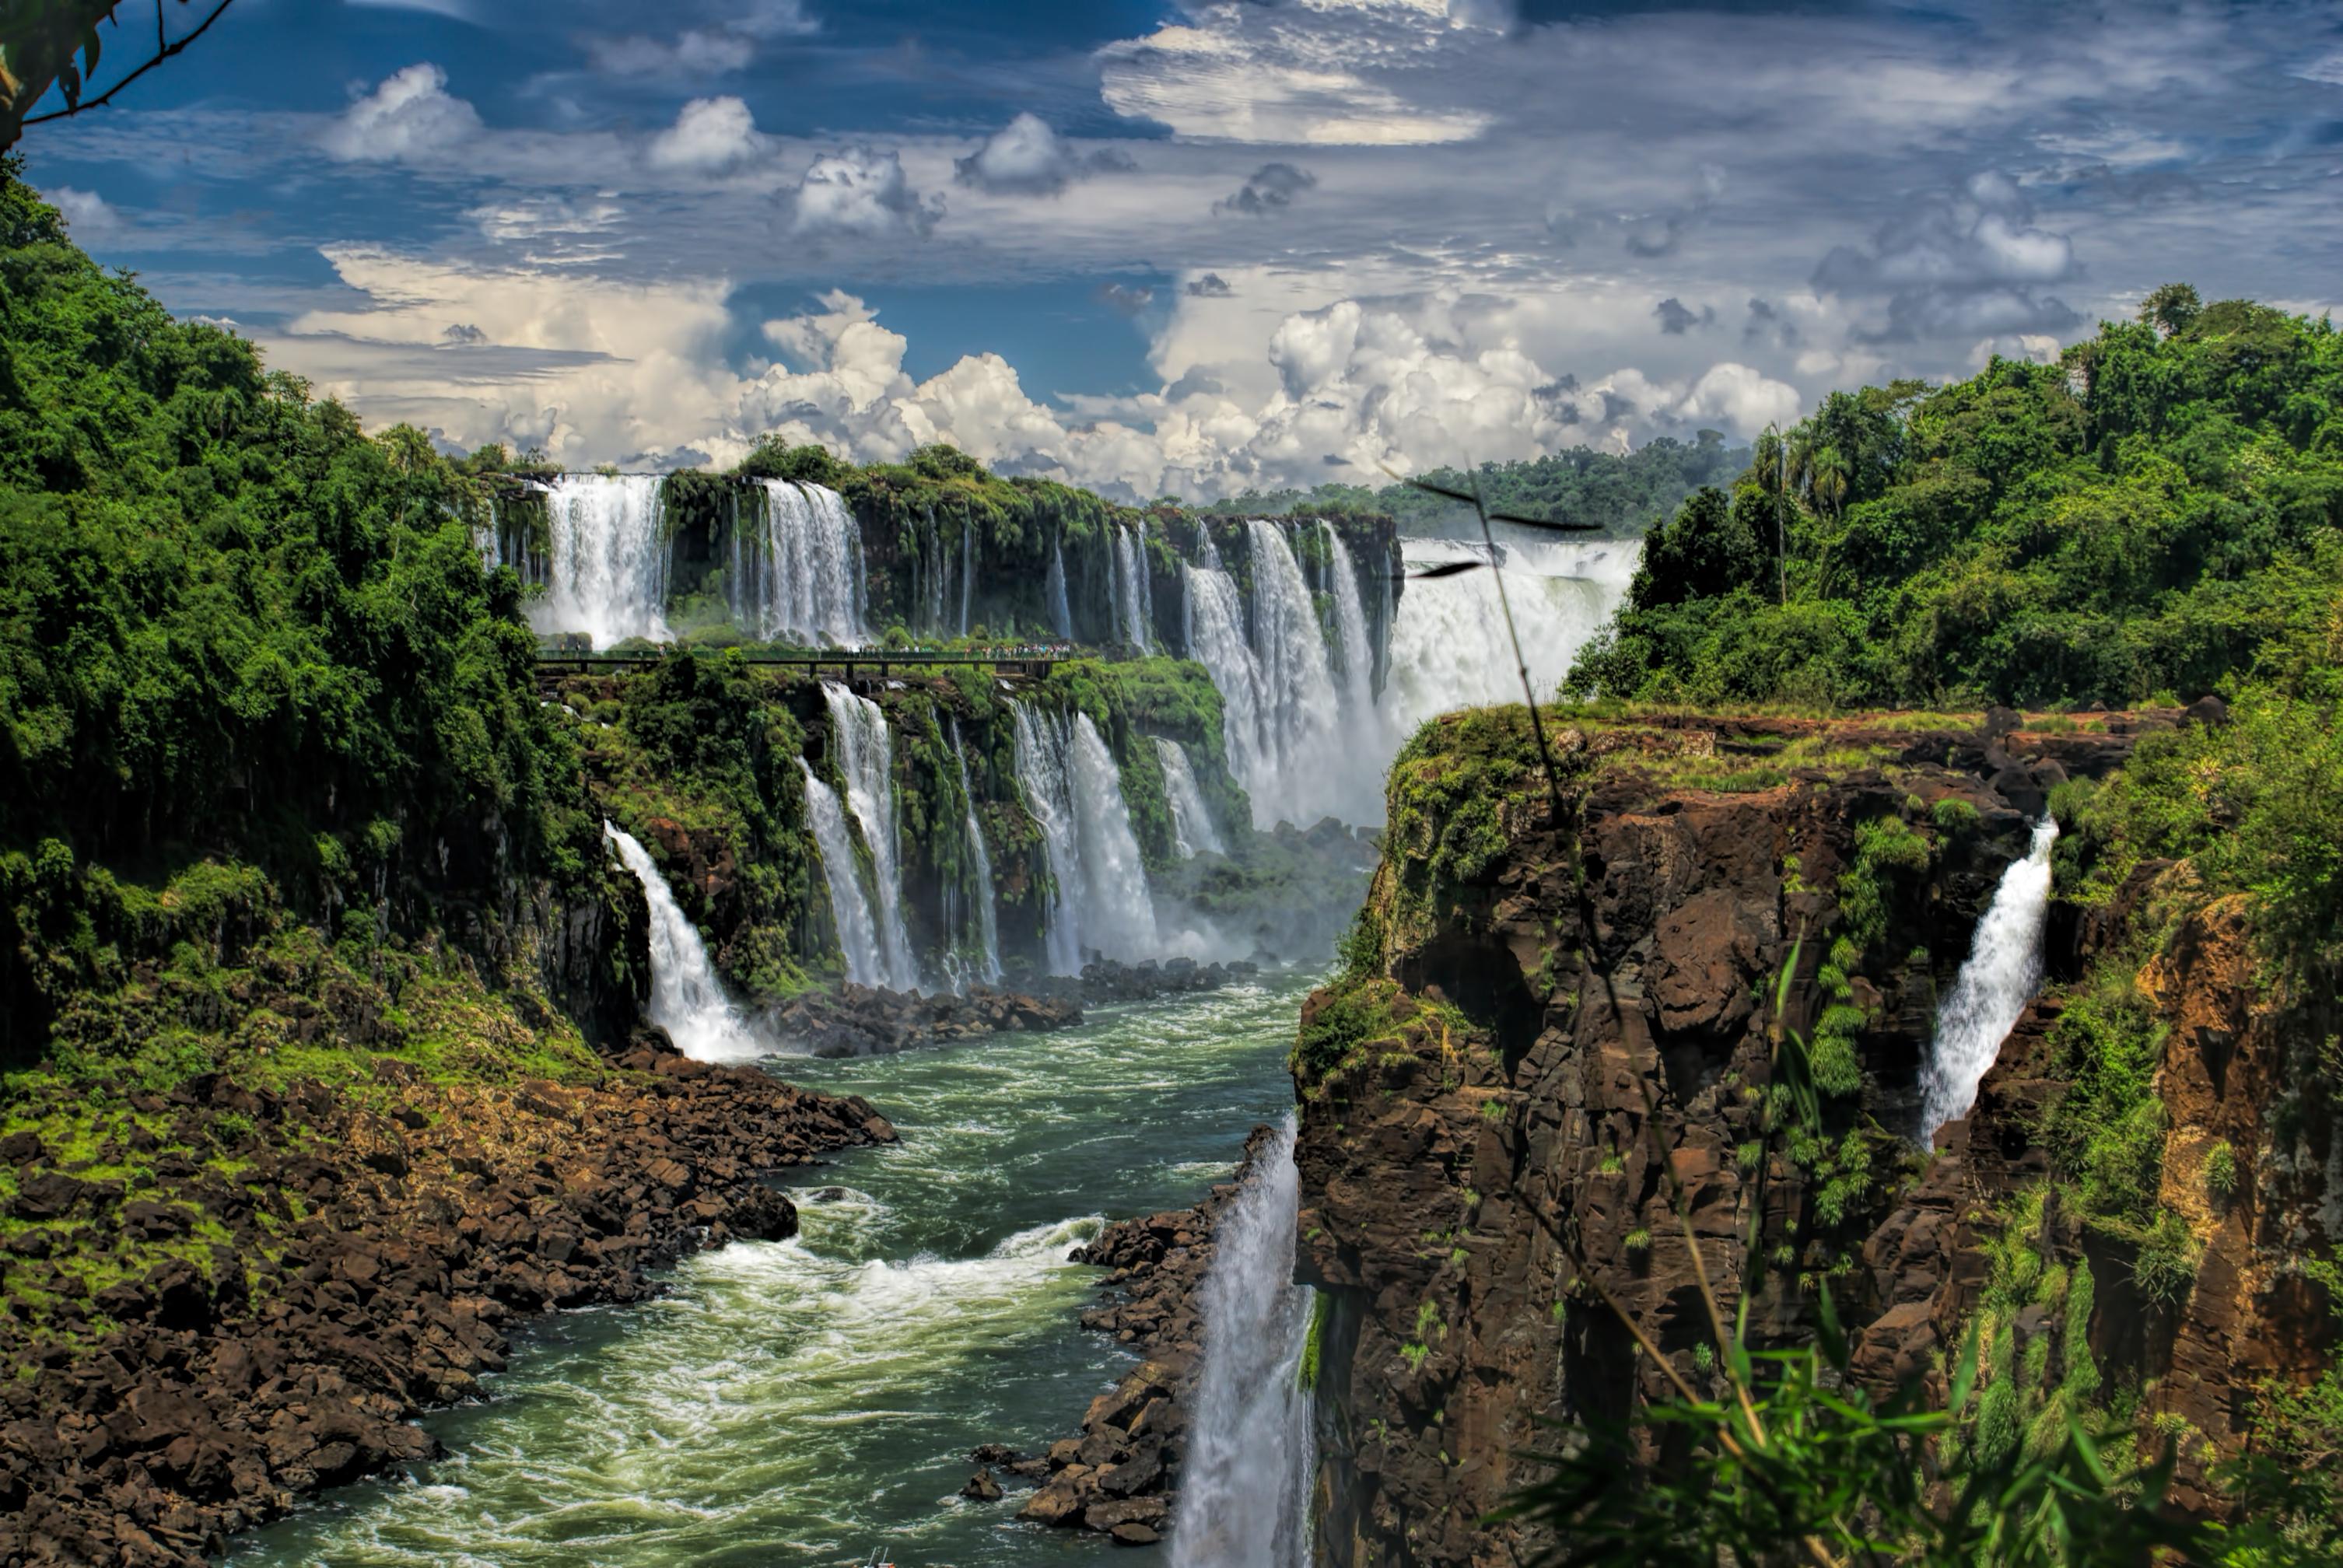 Iguazu Falls in Argentina, South America